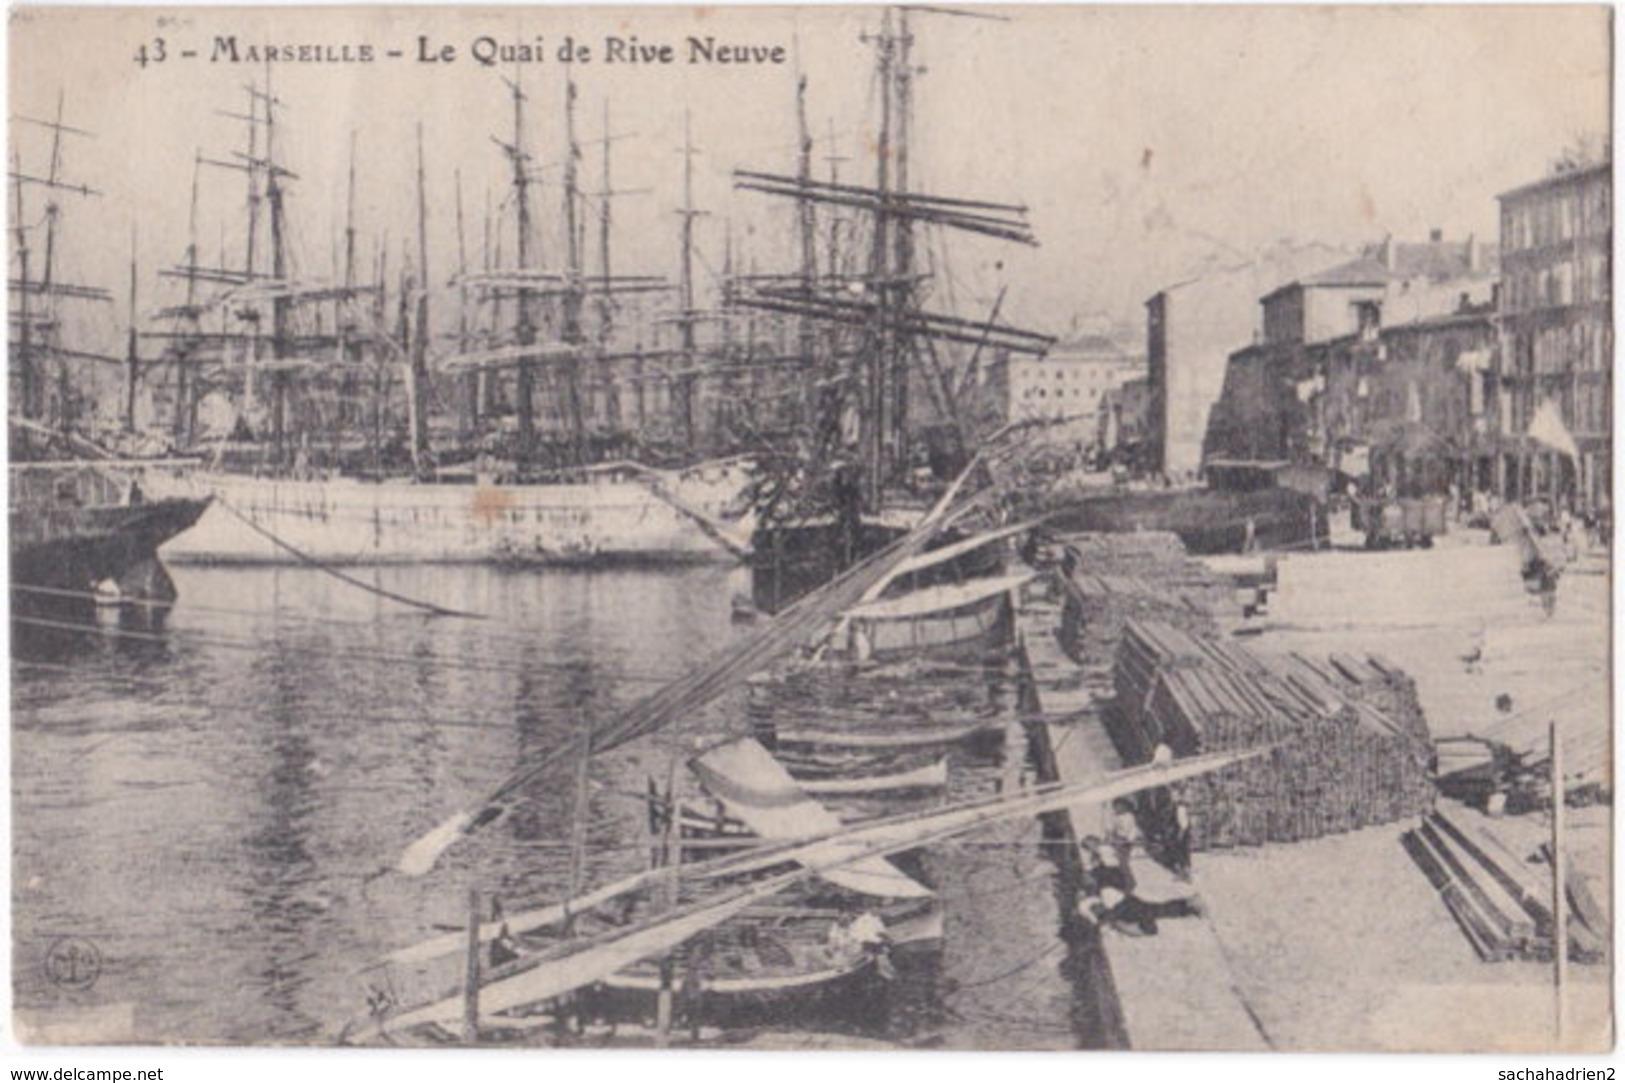 13. MARSEILLE. Le Quai De La Rive Neuve. 43 - Unclassified